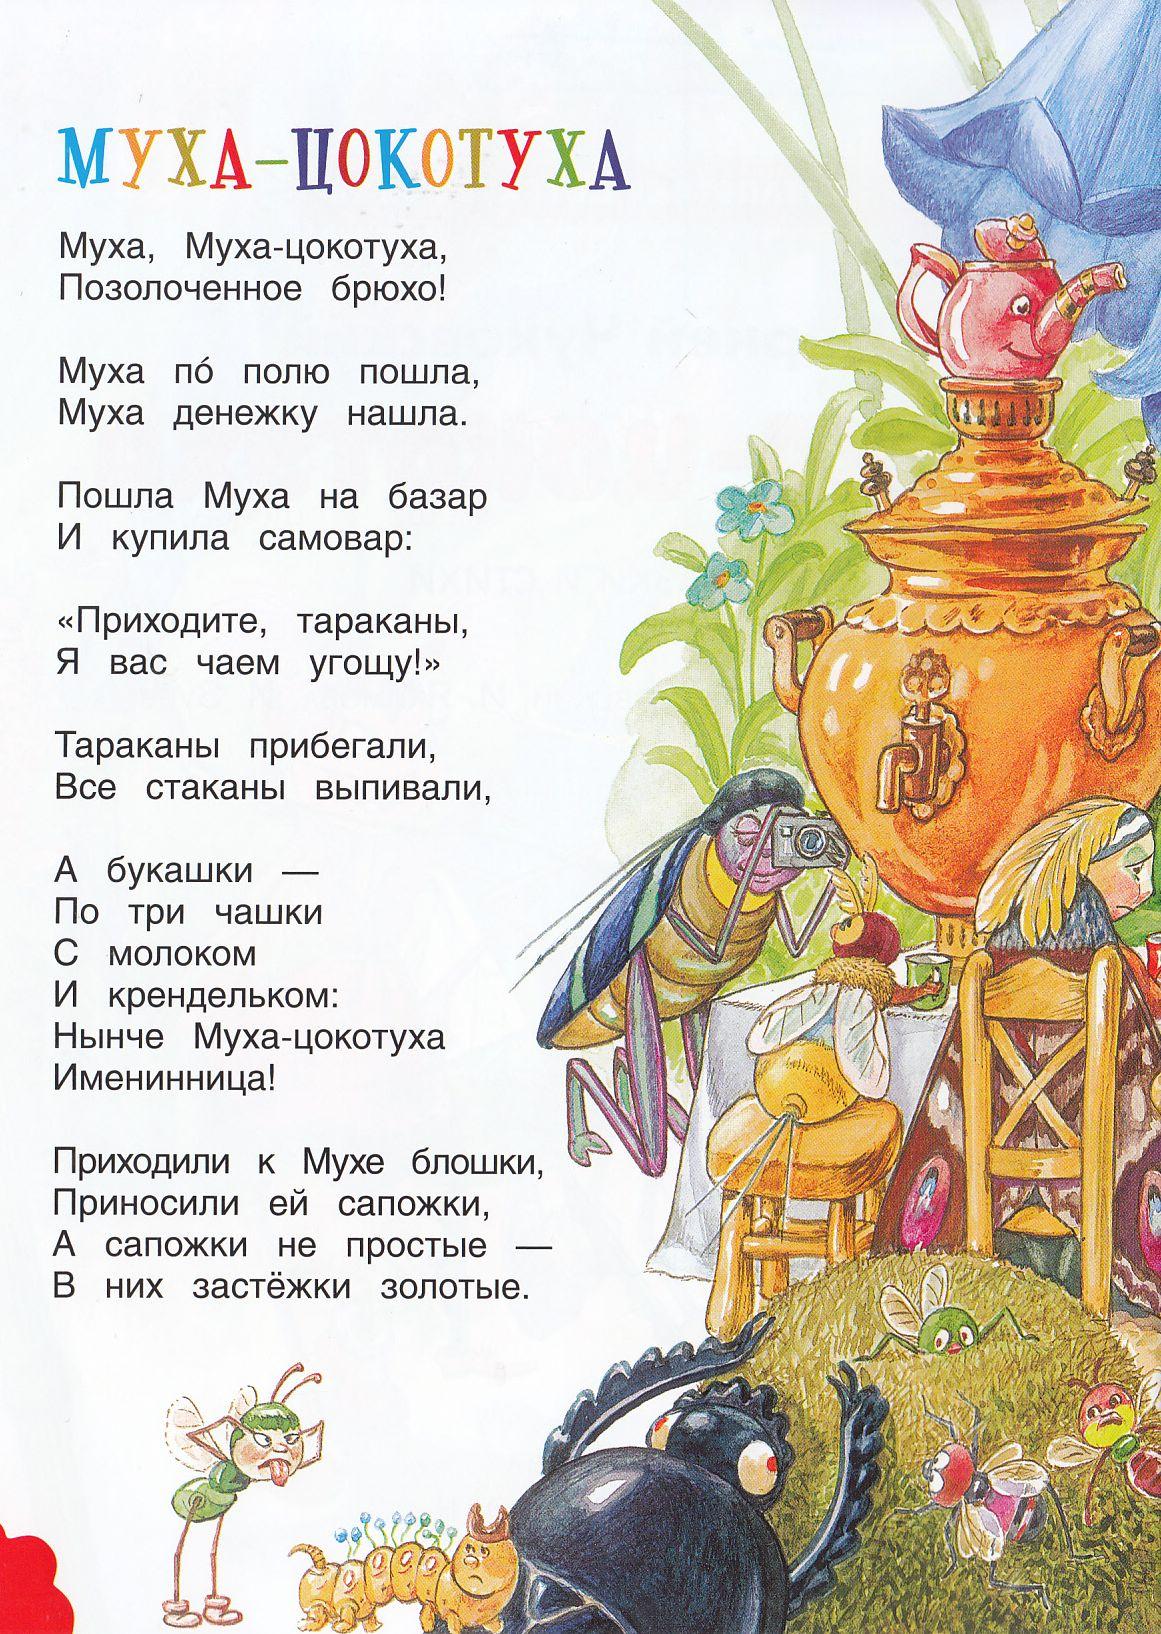 Букетом хризантем, стих муха цокотуха читать с картинками